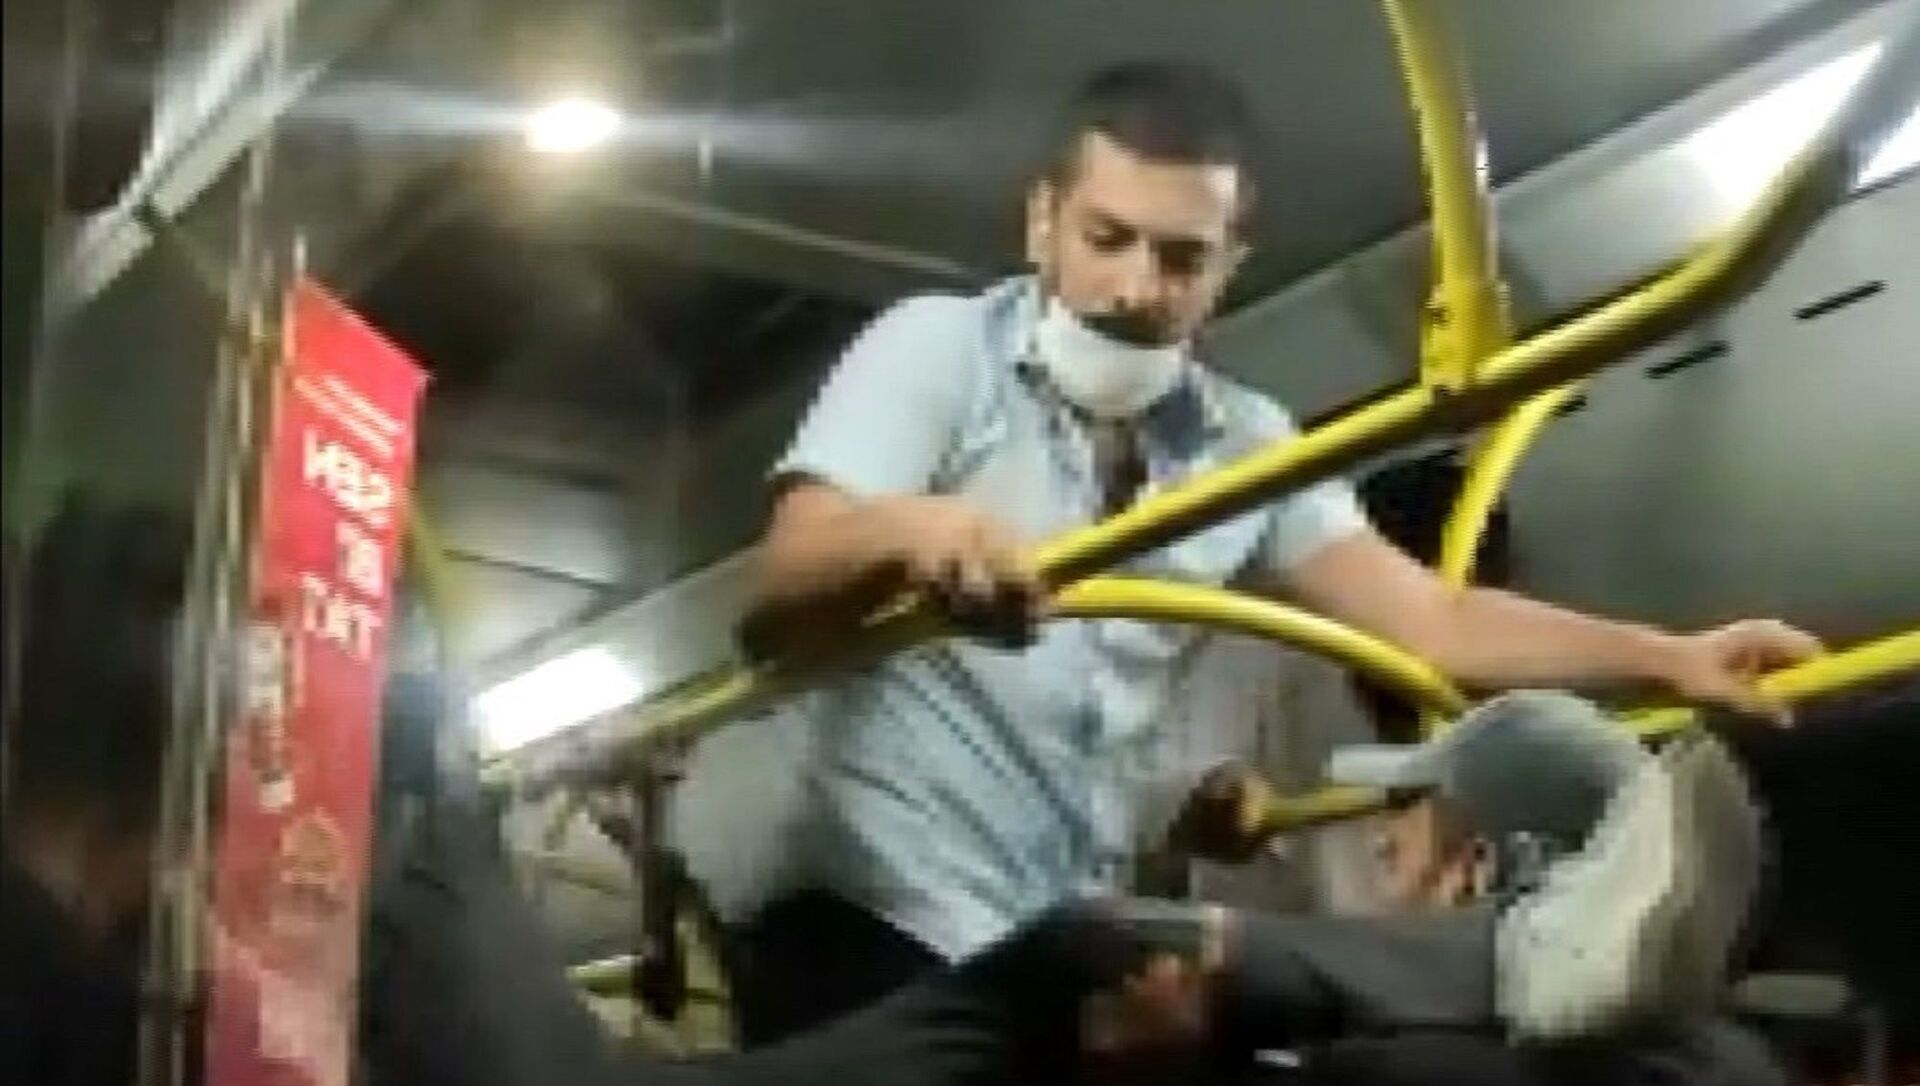 İstanbul Üsküdar'da, otobüste 'maske takma' kavgası  - Sputnik Türkiye, 1920, 29.07.2021